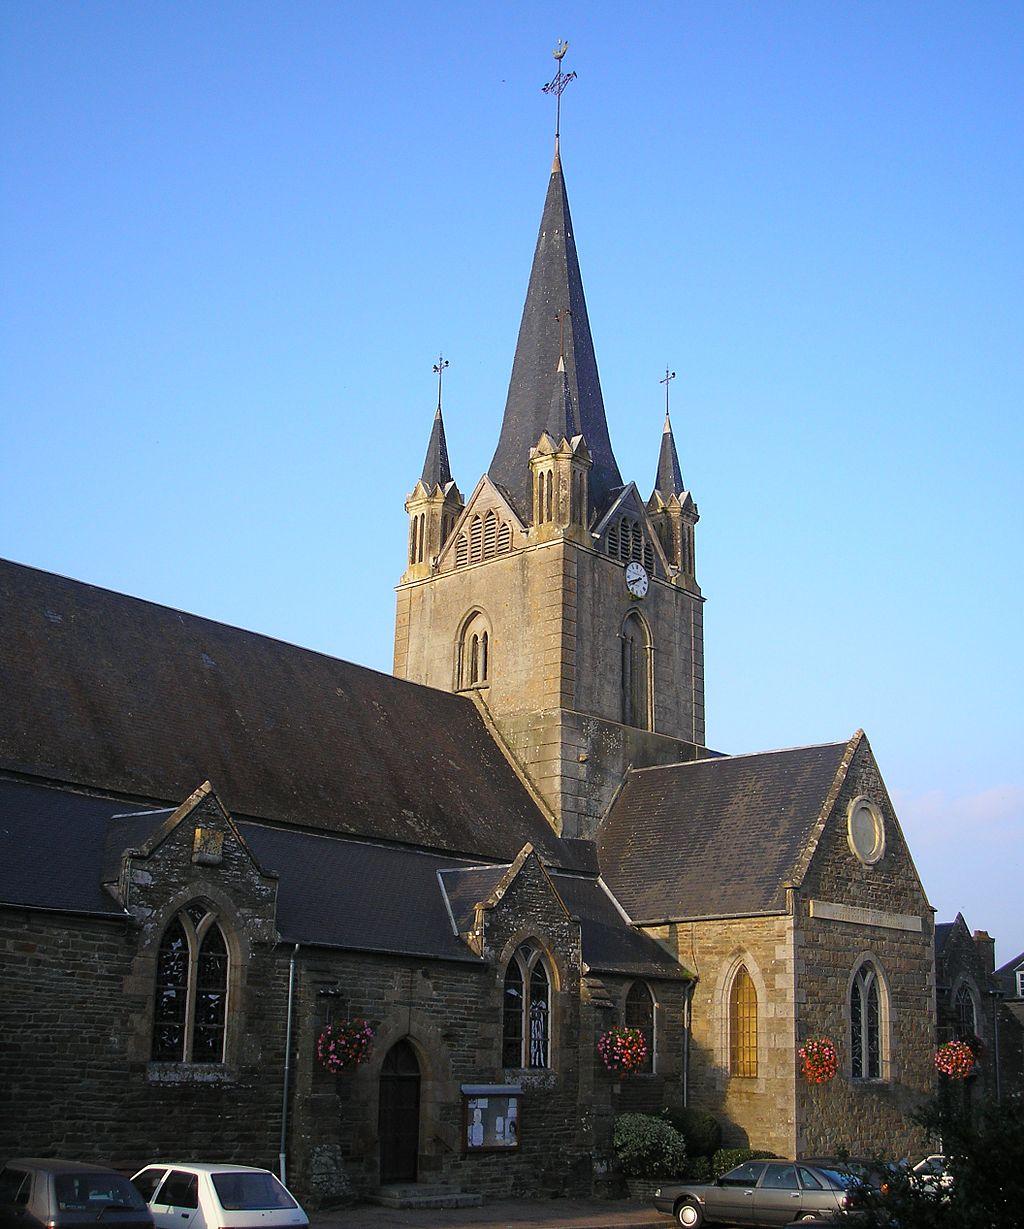 Saint Martin Notre-Dame et Saint André, Vassy, Normandy